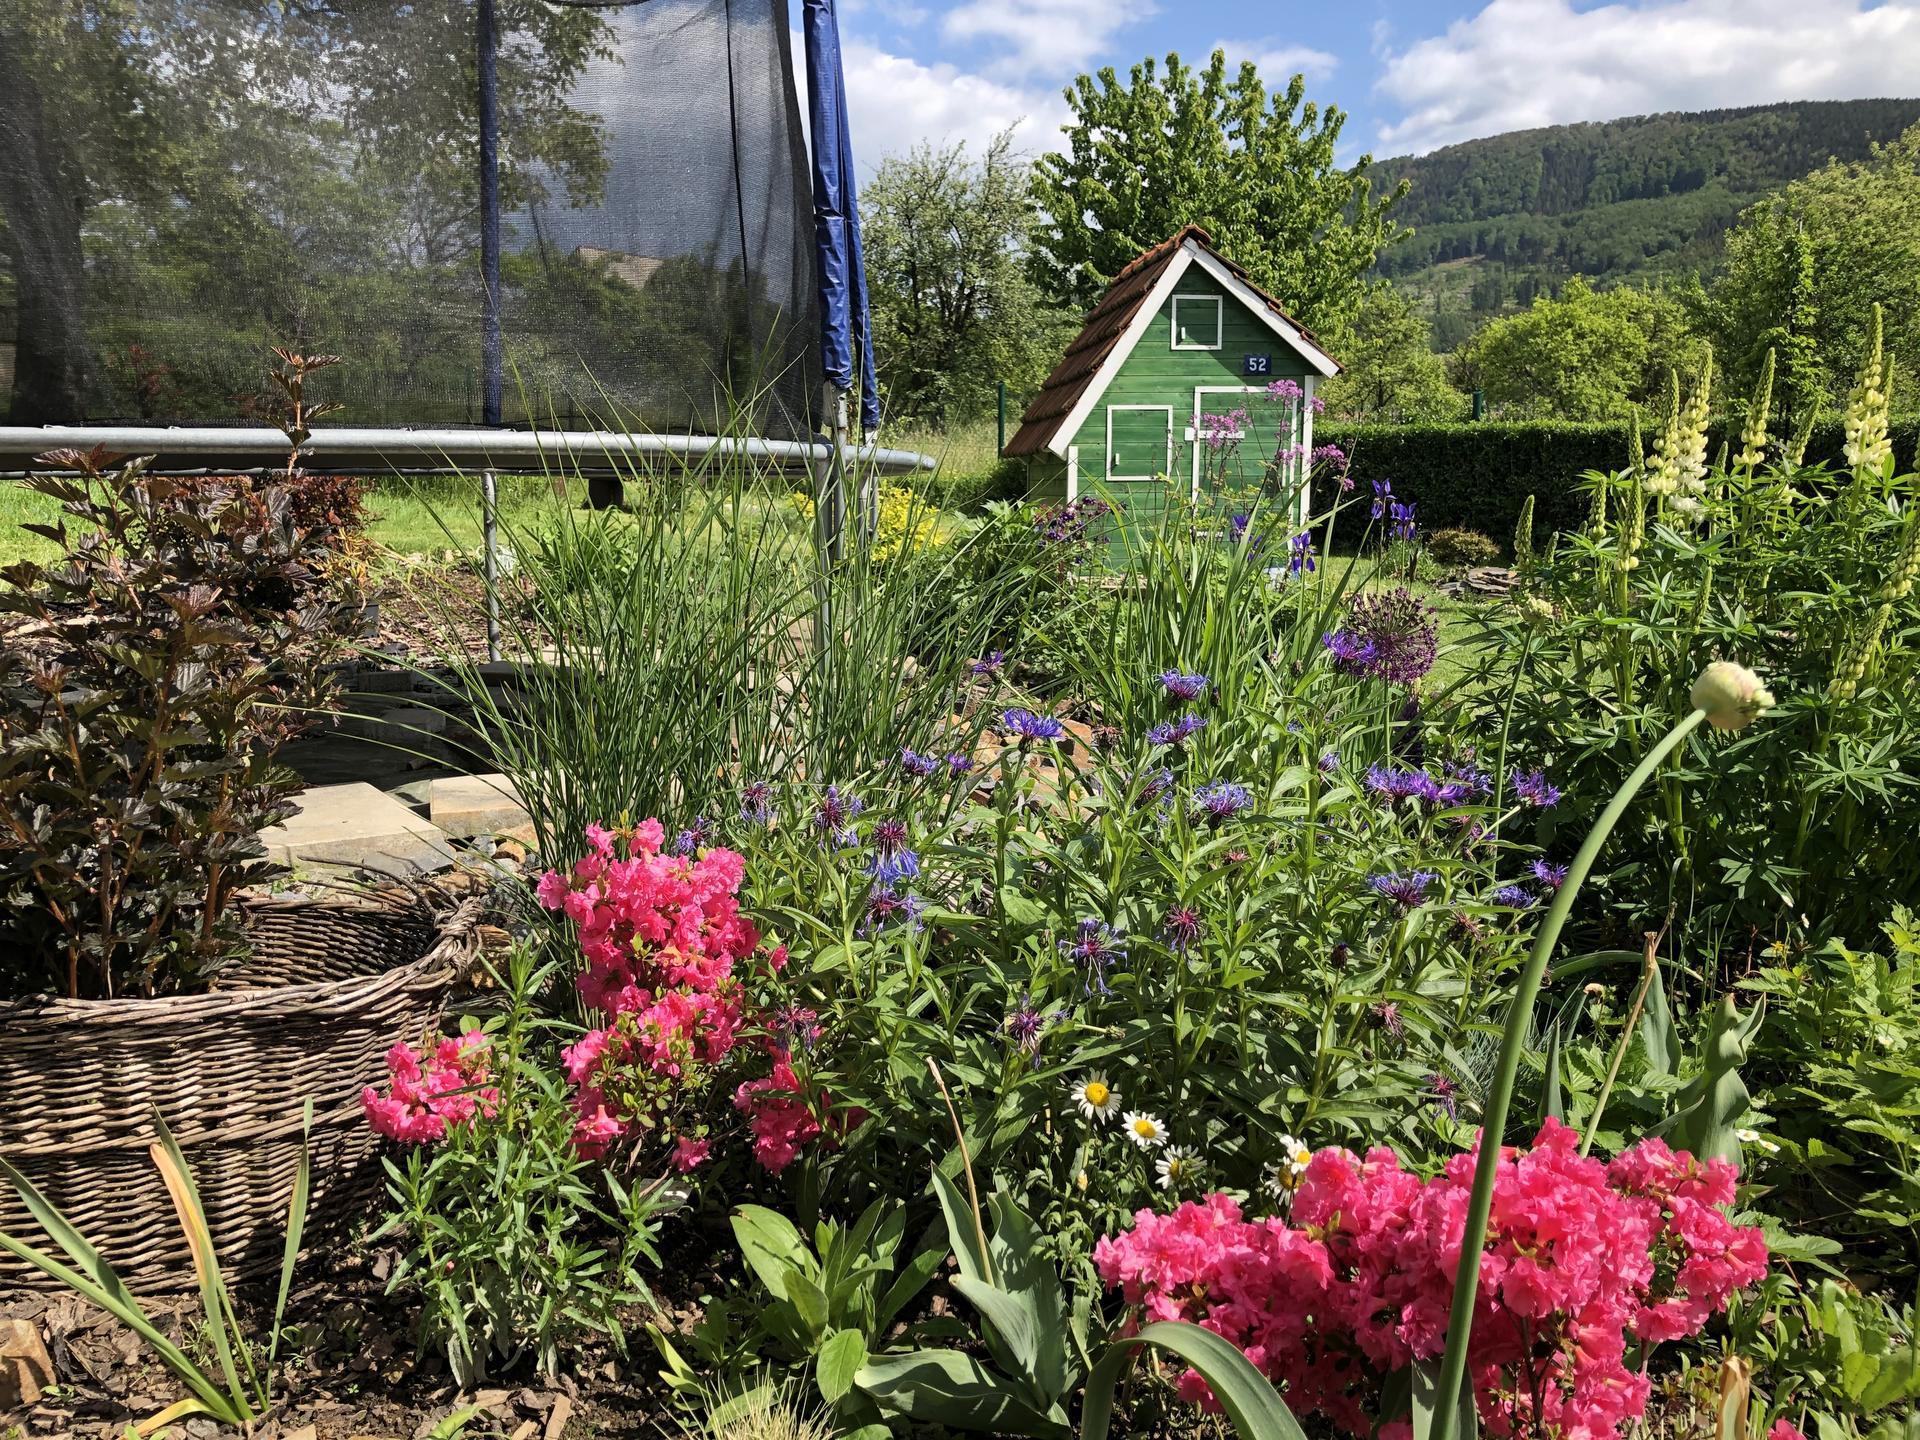 U nás doma a na zahradě 2020 - Obrázek č. 68